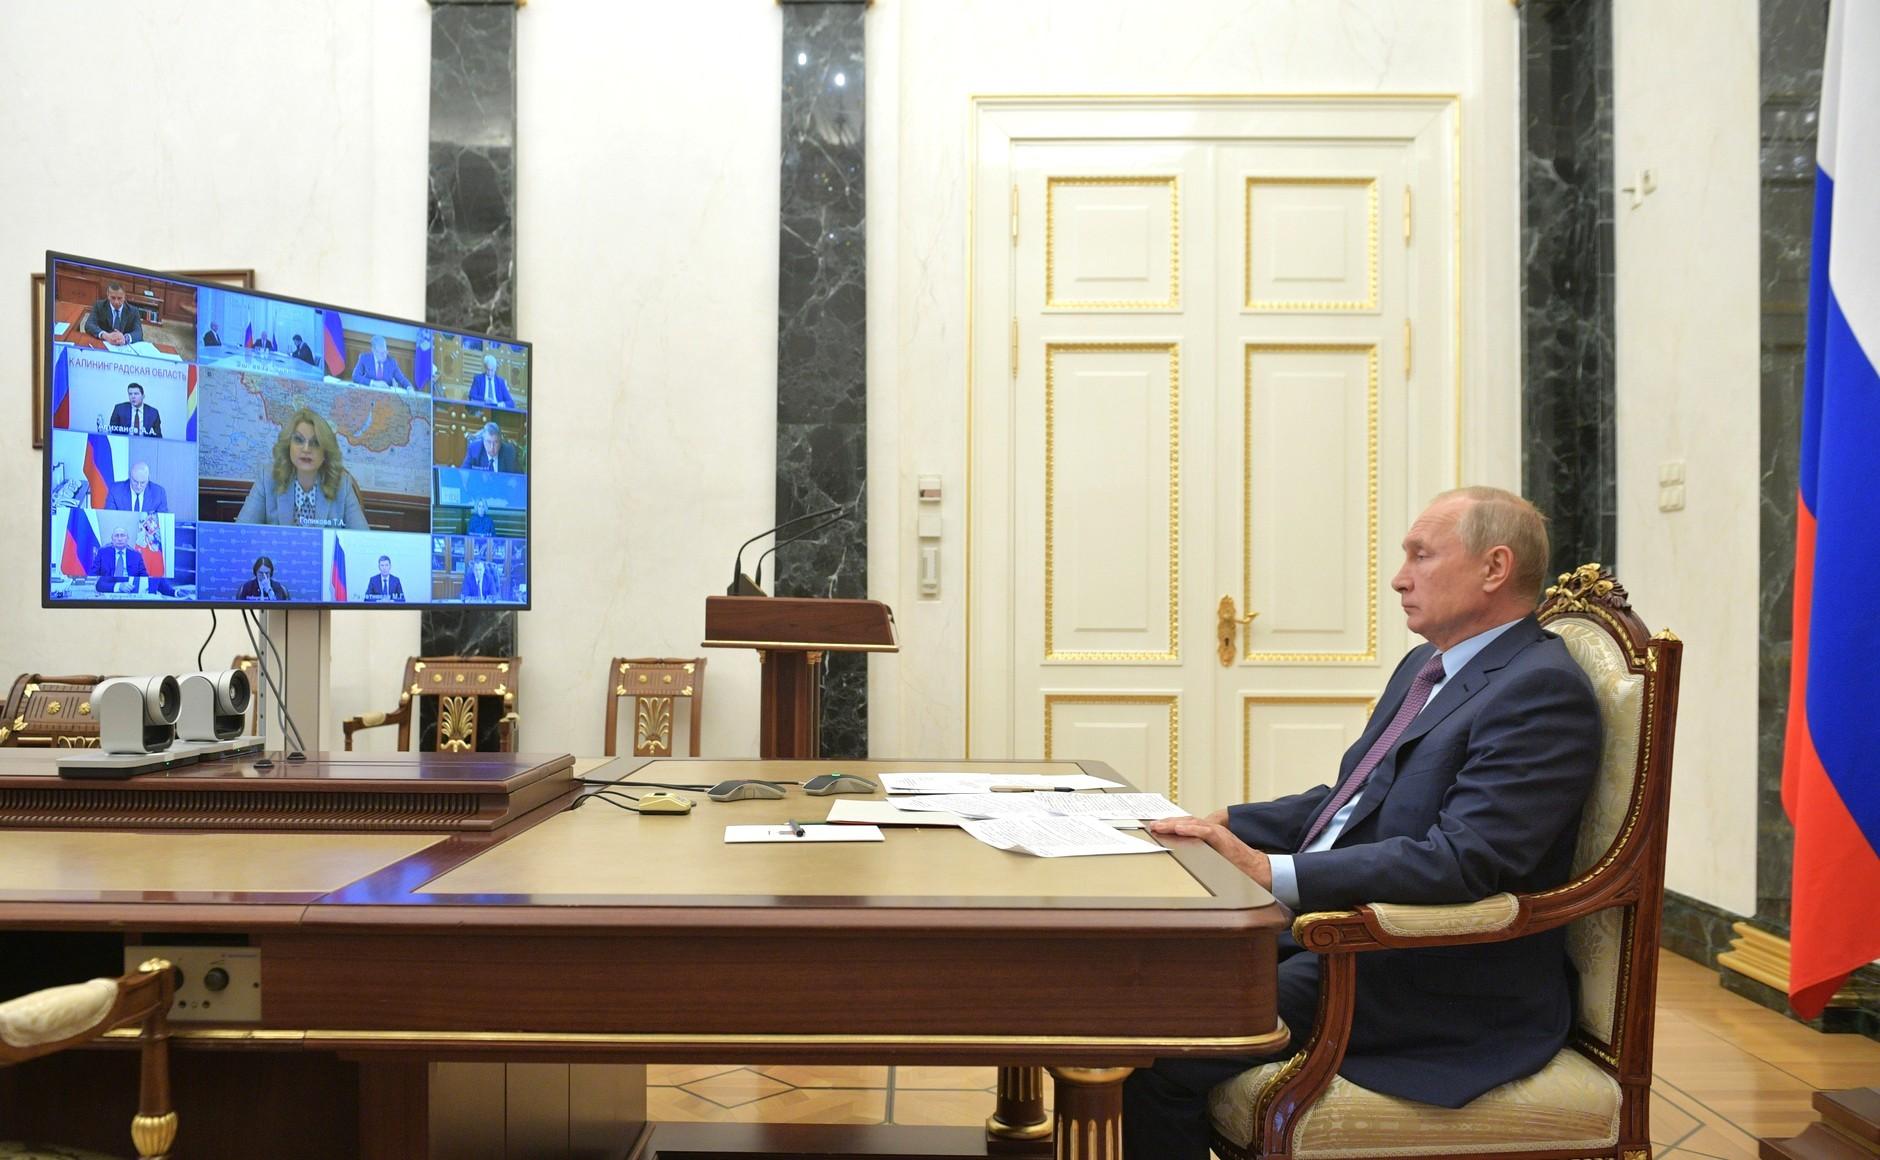 Presiden Rusia Vladimir Putin mendengarkan pemaparan Menurut Wakil Perdana Menteri Rusia Tatyana Golikova (pada layar utama), dalam rapat kabinet virtual, Moksow, Kamis (15/10).